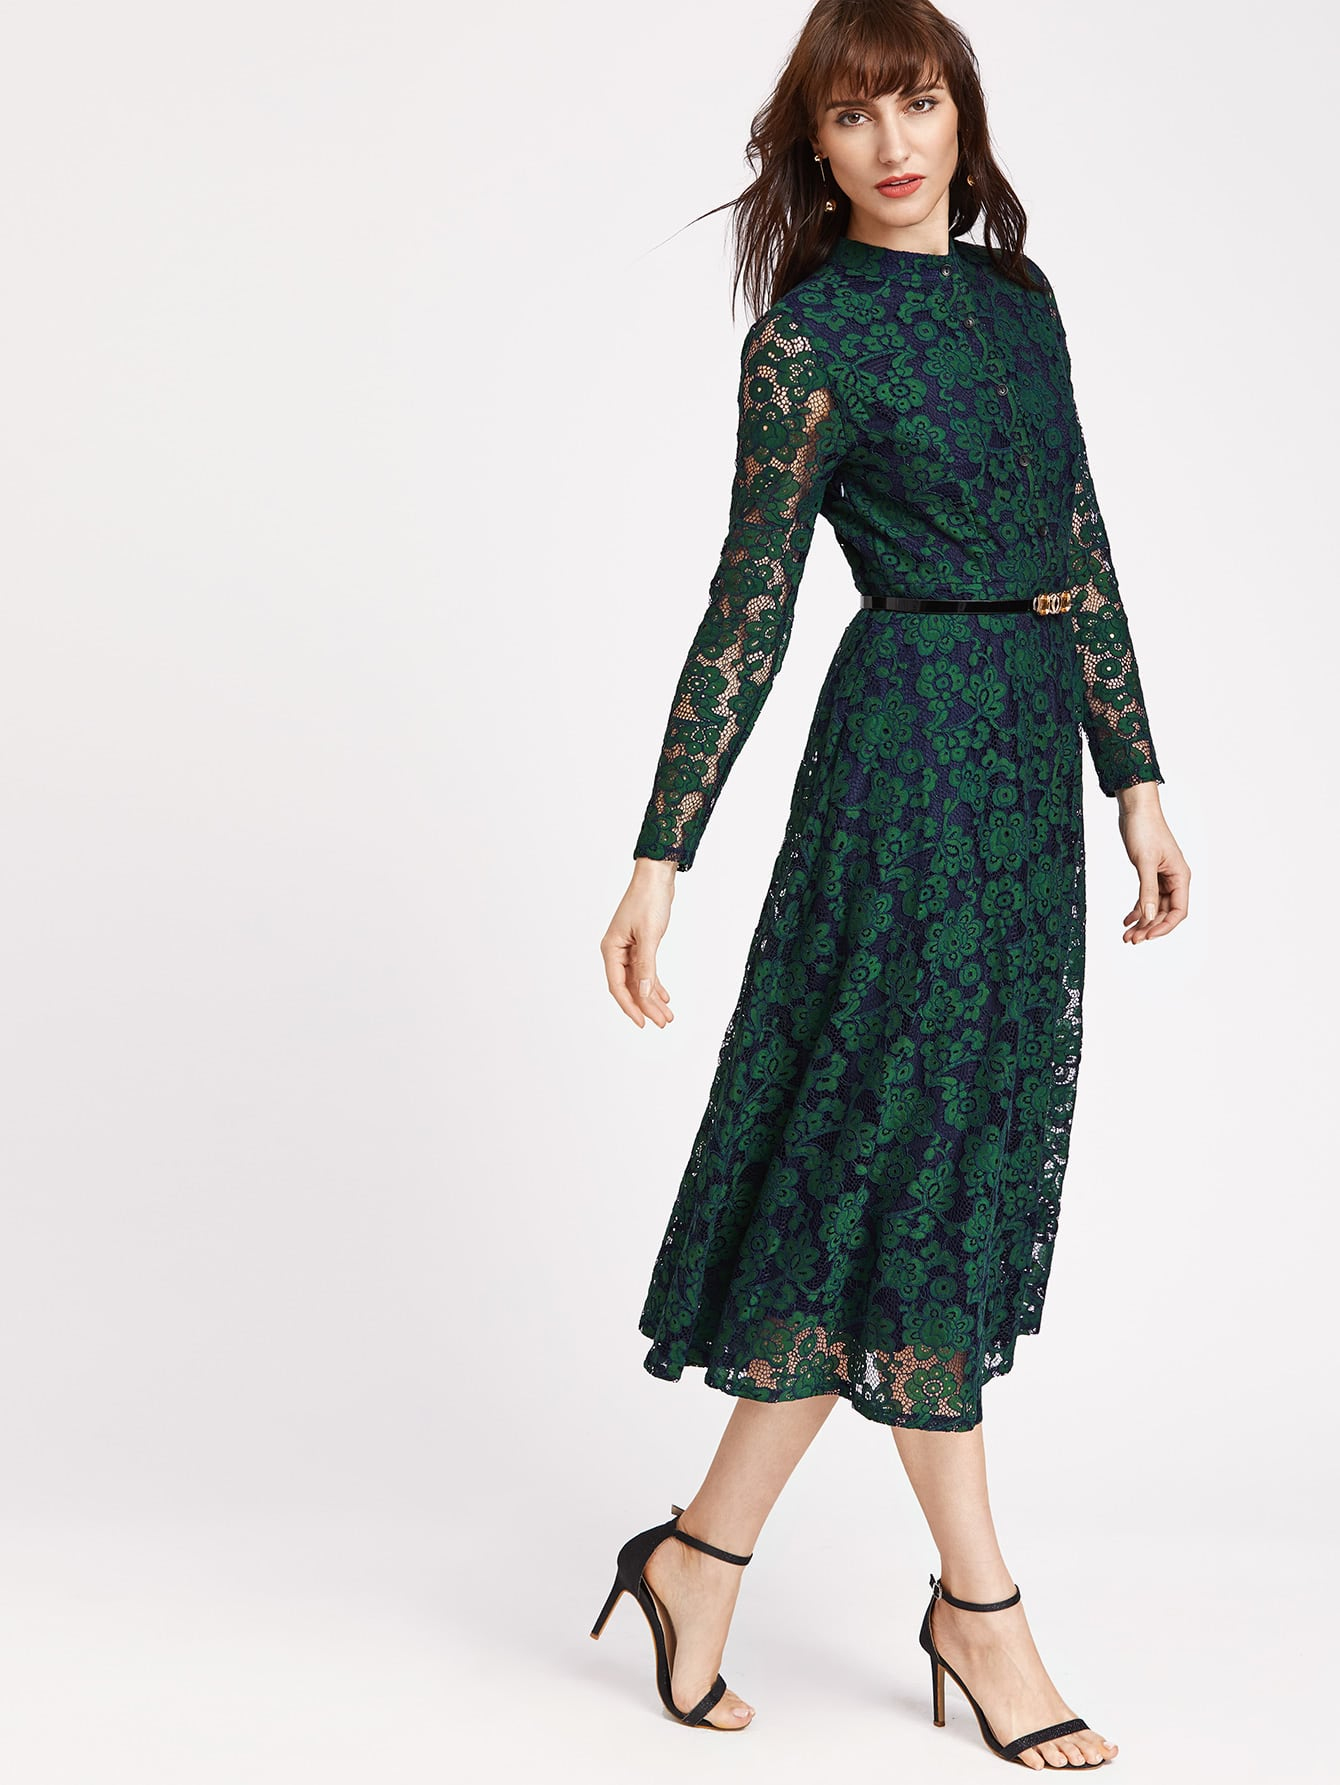 dress170314103_2